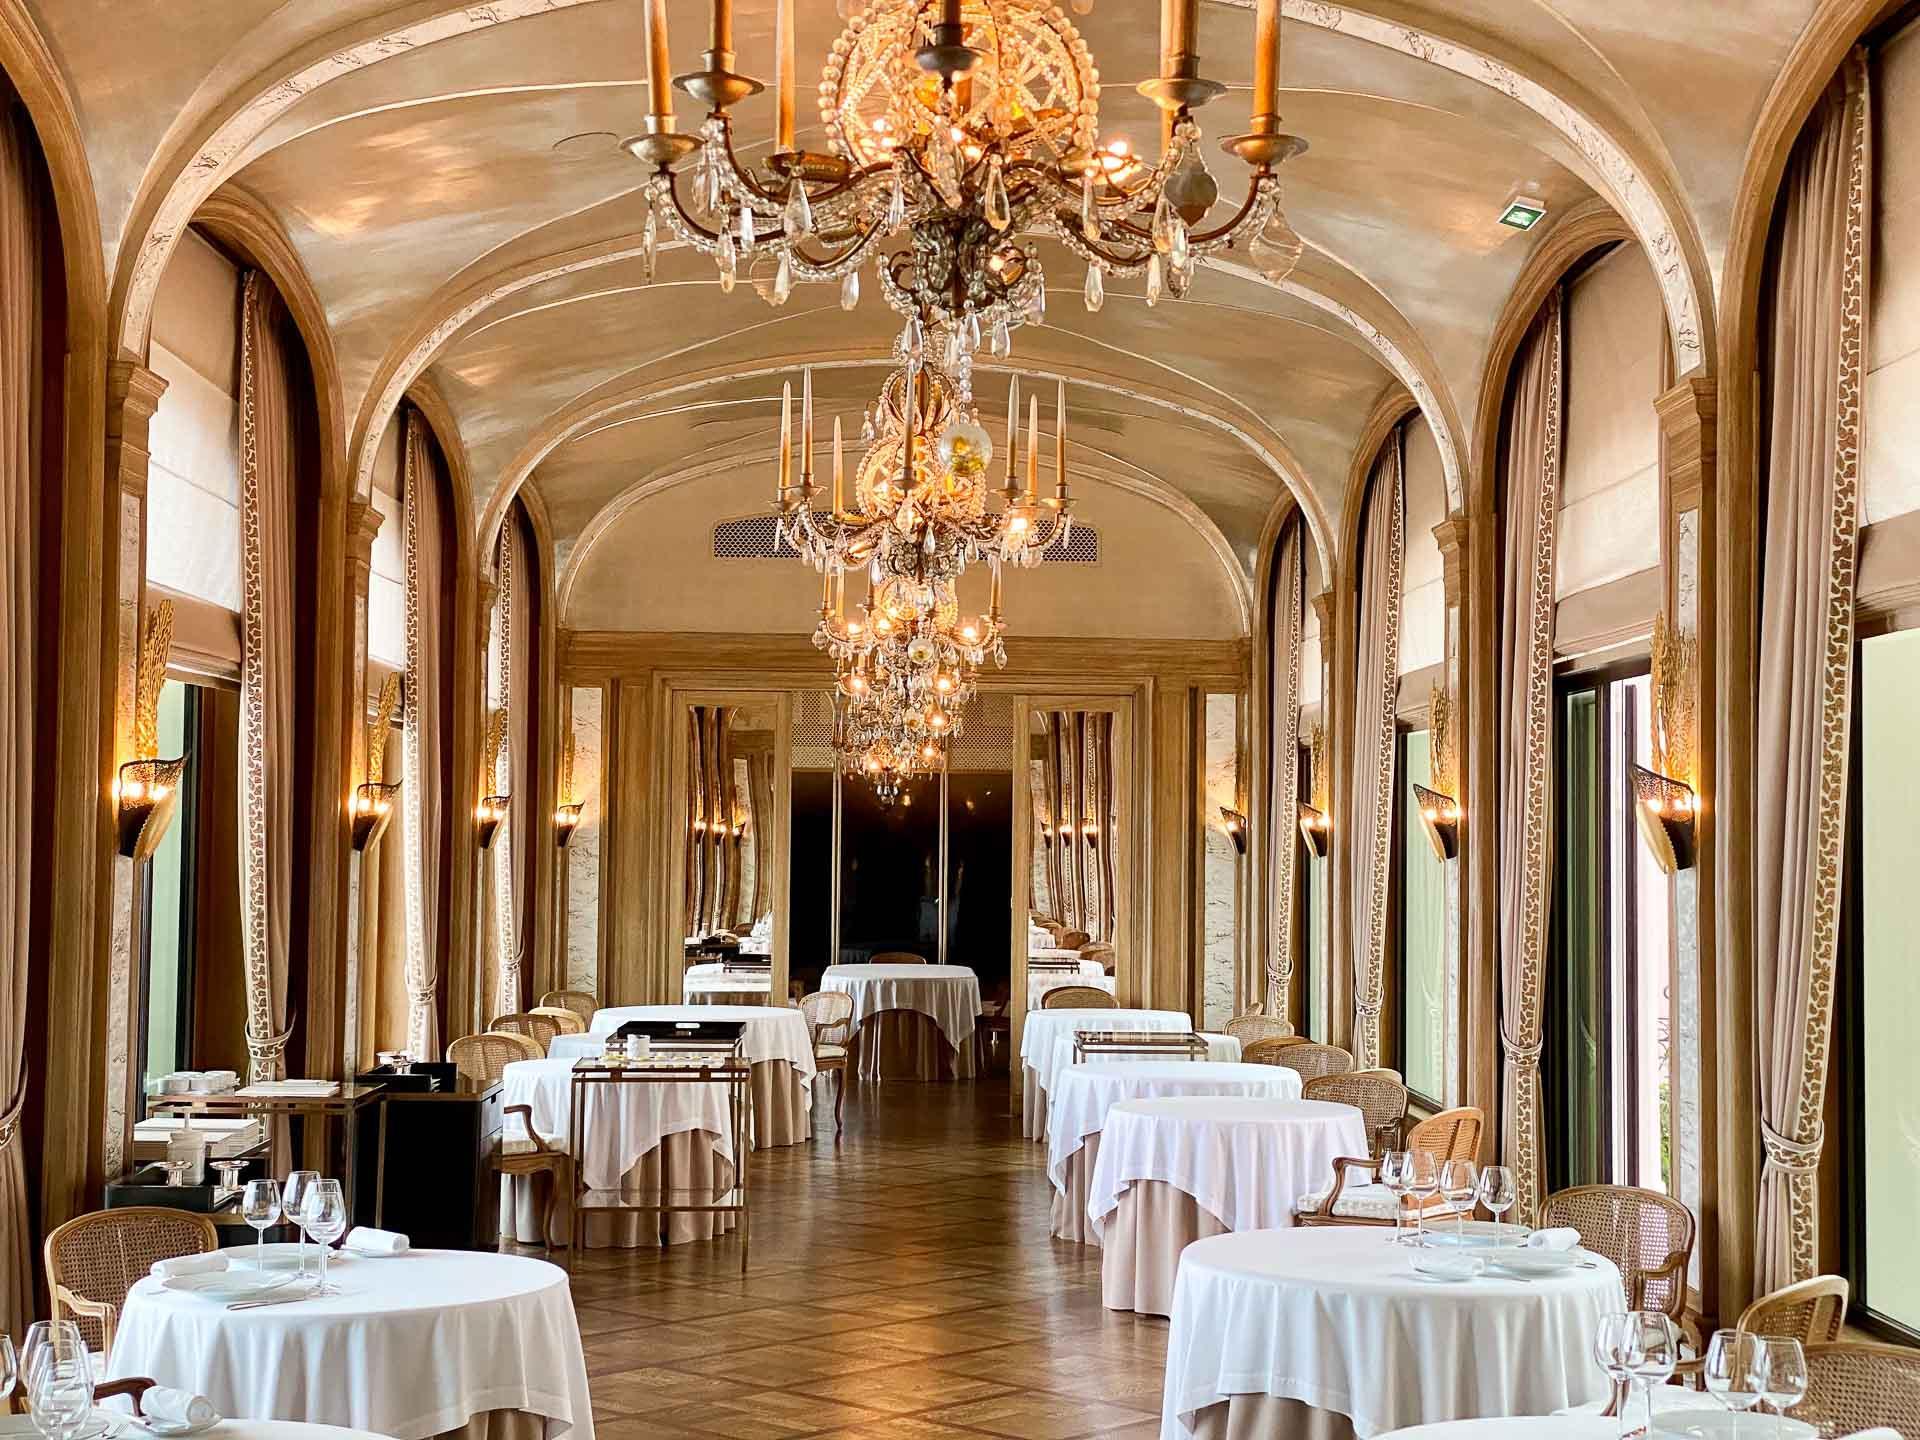 Le restaurant des rois © Emmanuel Laveran